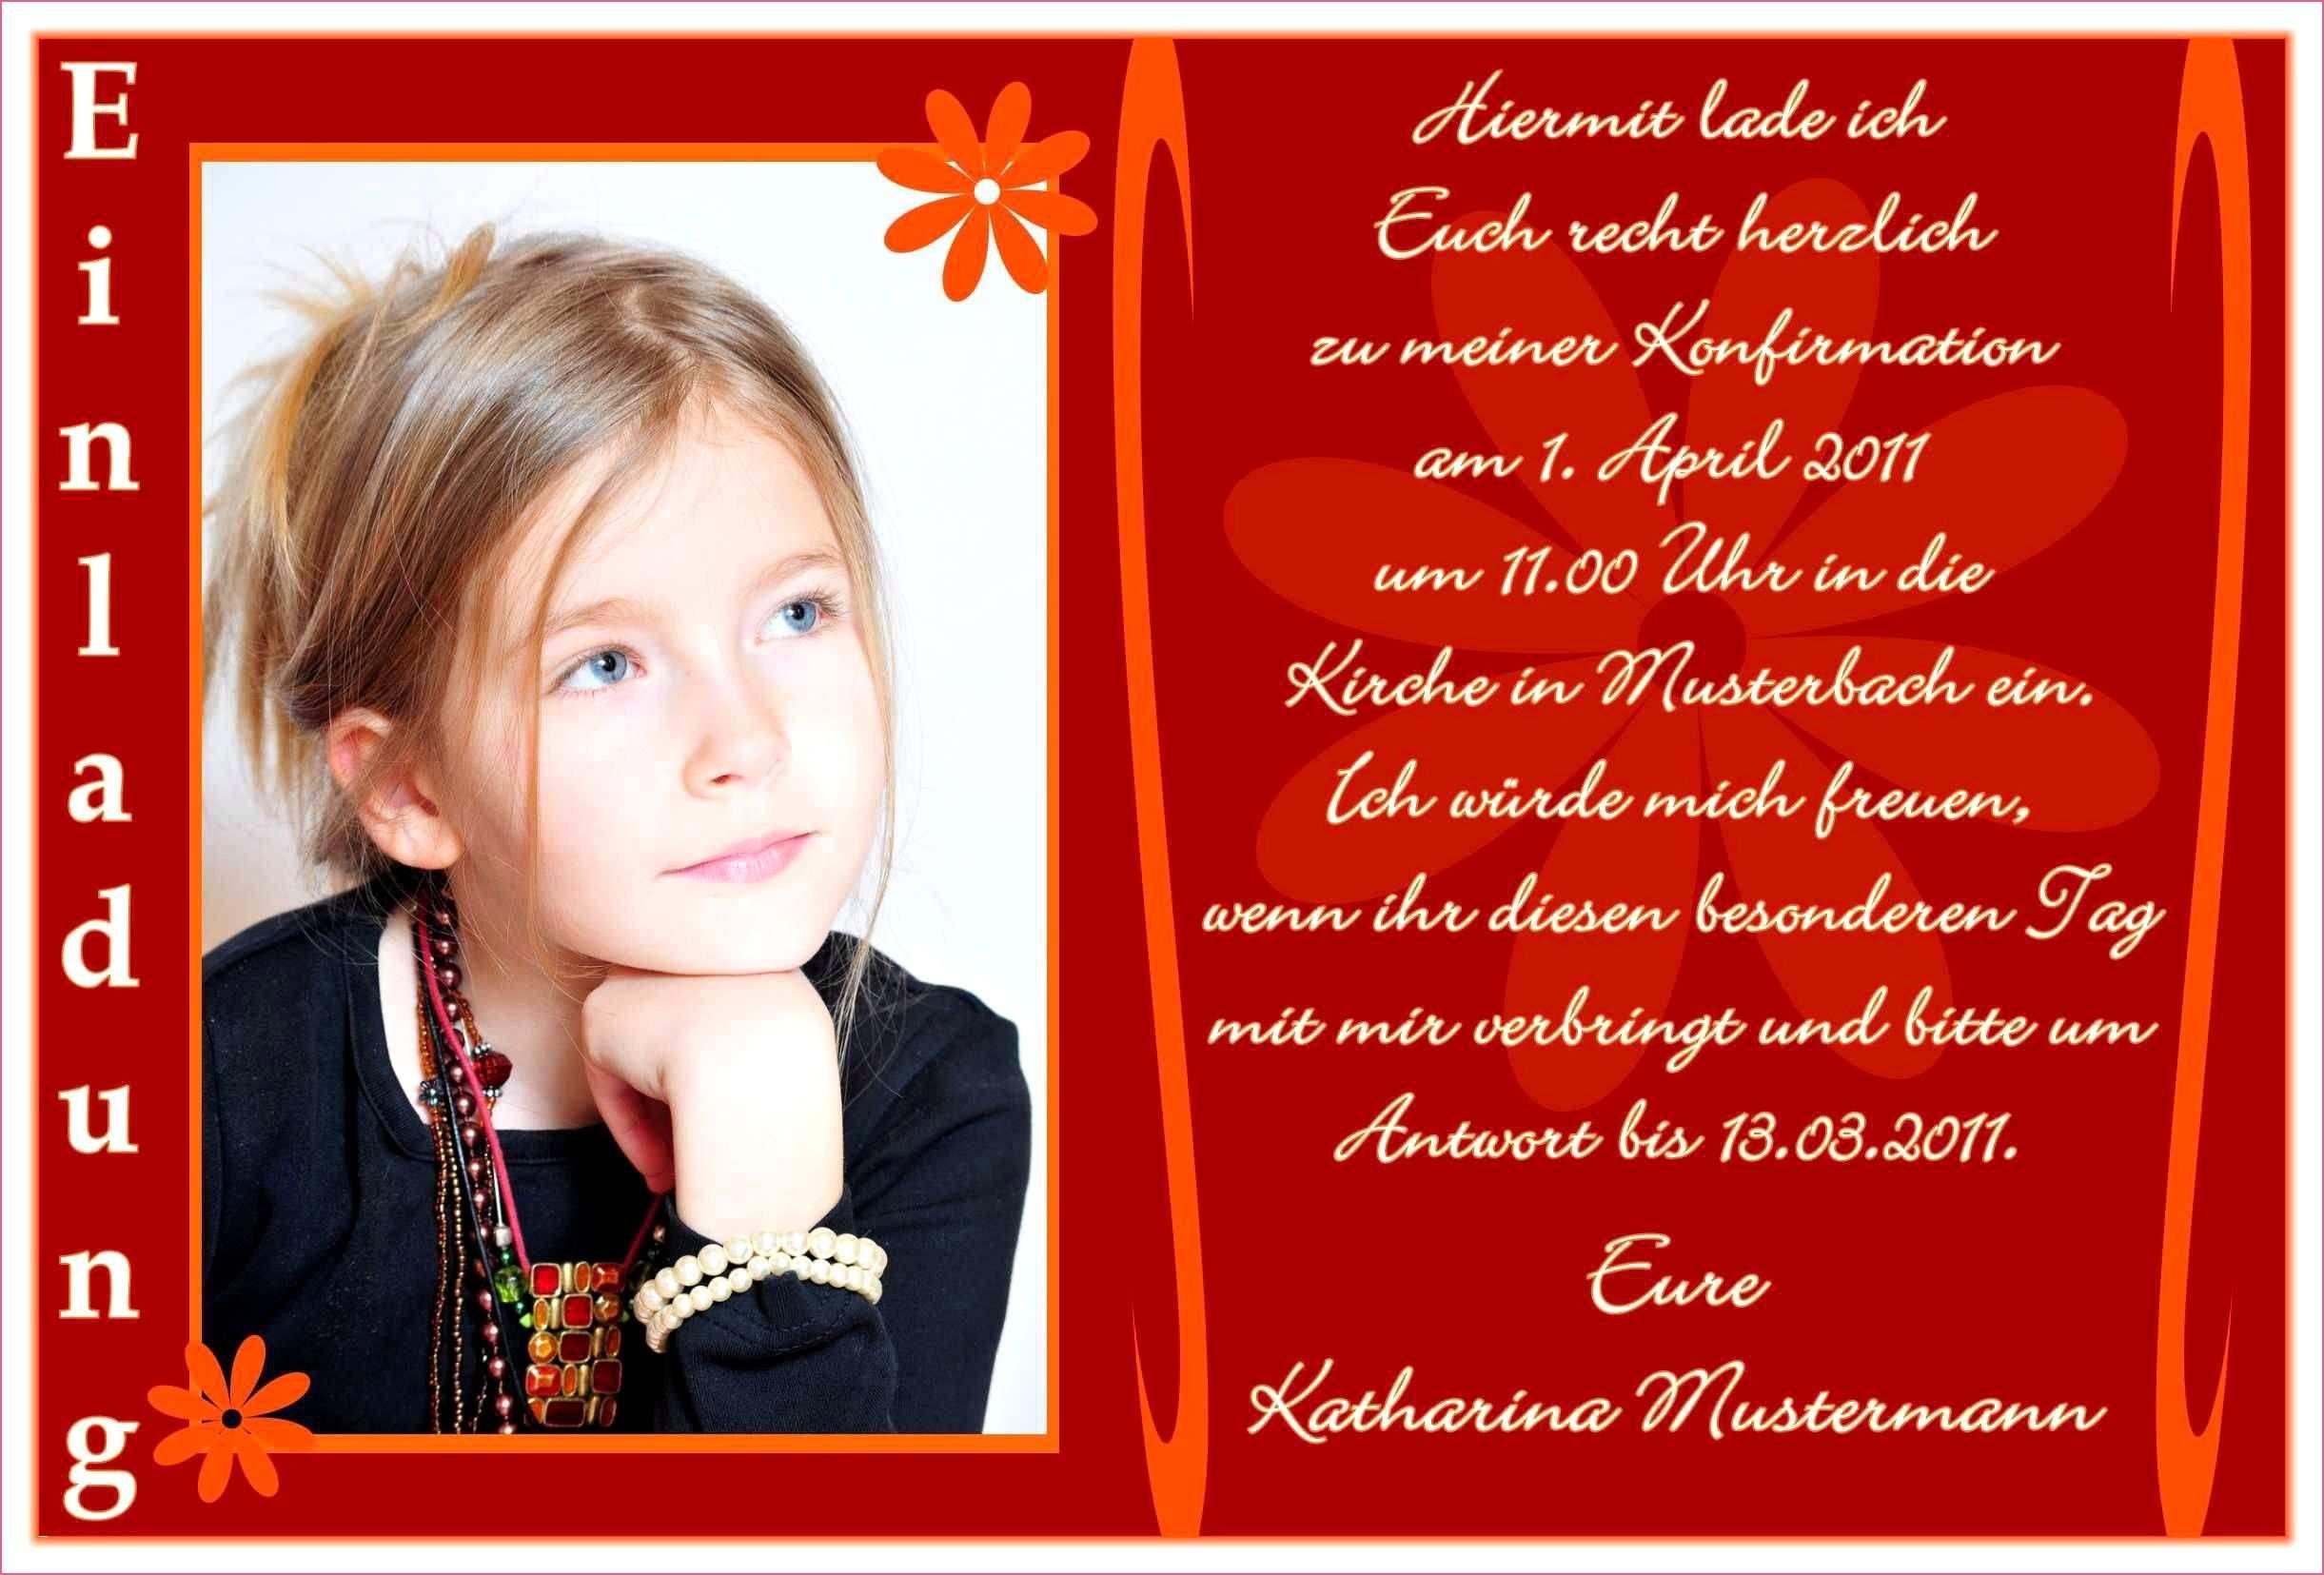 Einladungskarten Zur Jugendweihe In 2020 Danksagung Karten Einladungskarten Online Einladung Kommunion